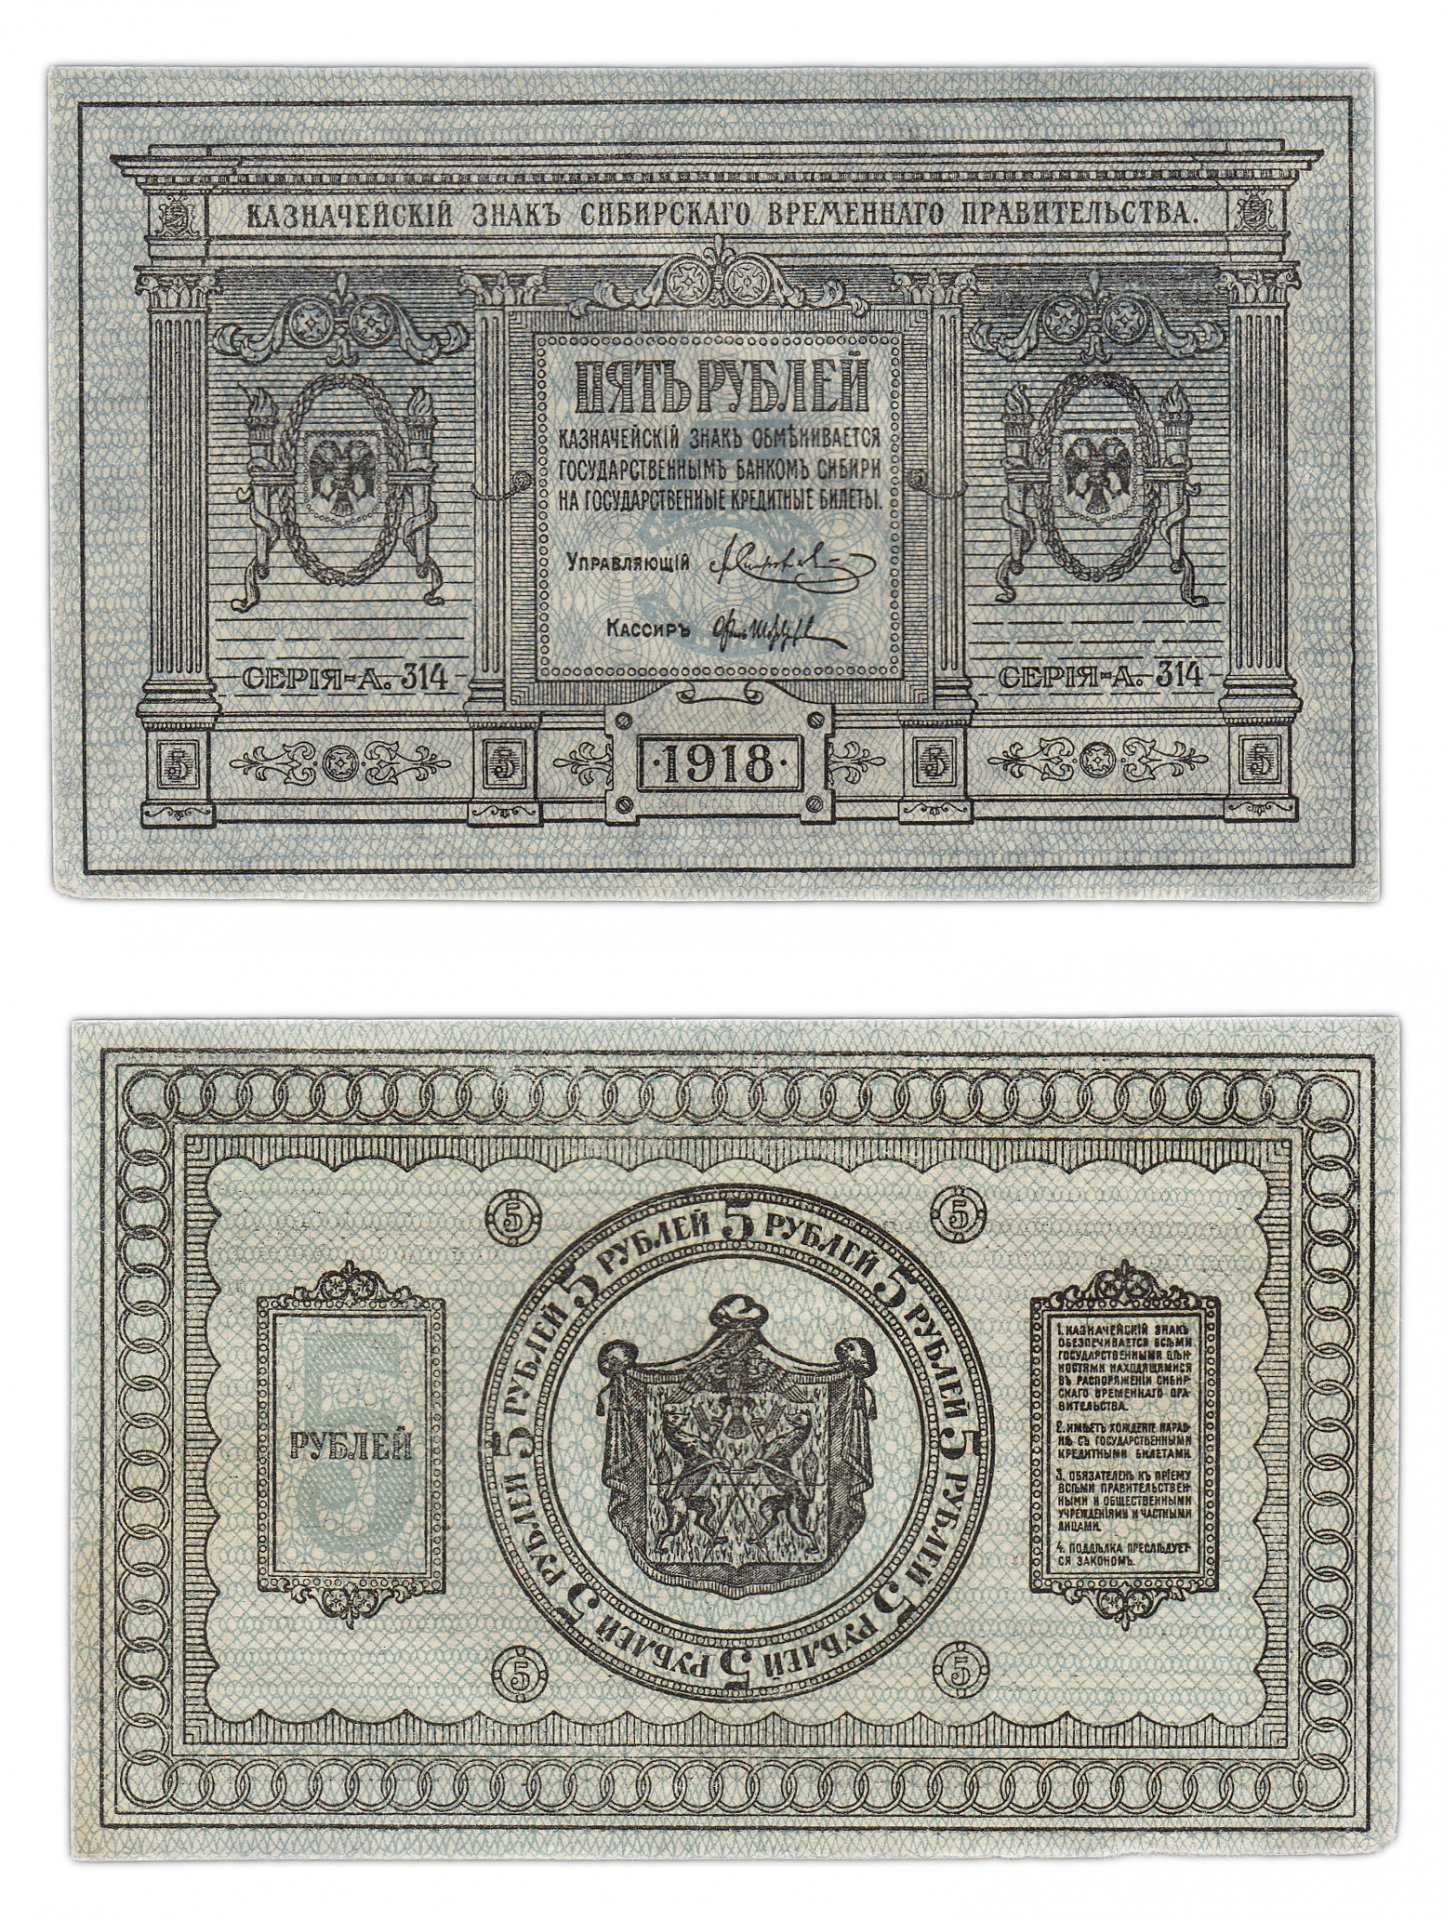 5 рублей 1918 монеты на английском языке